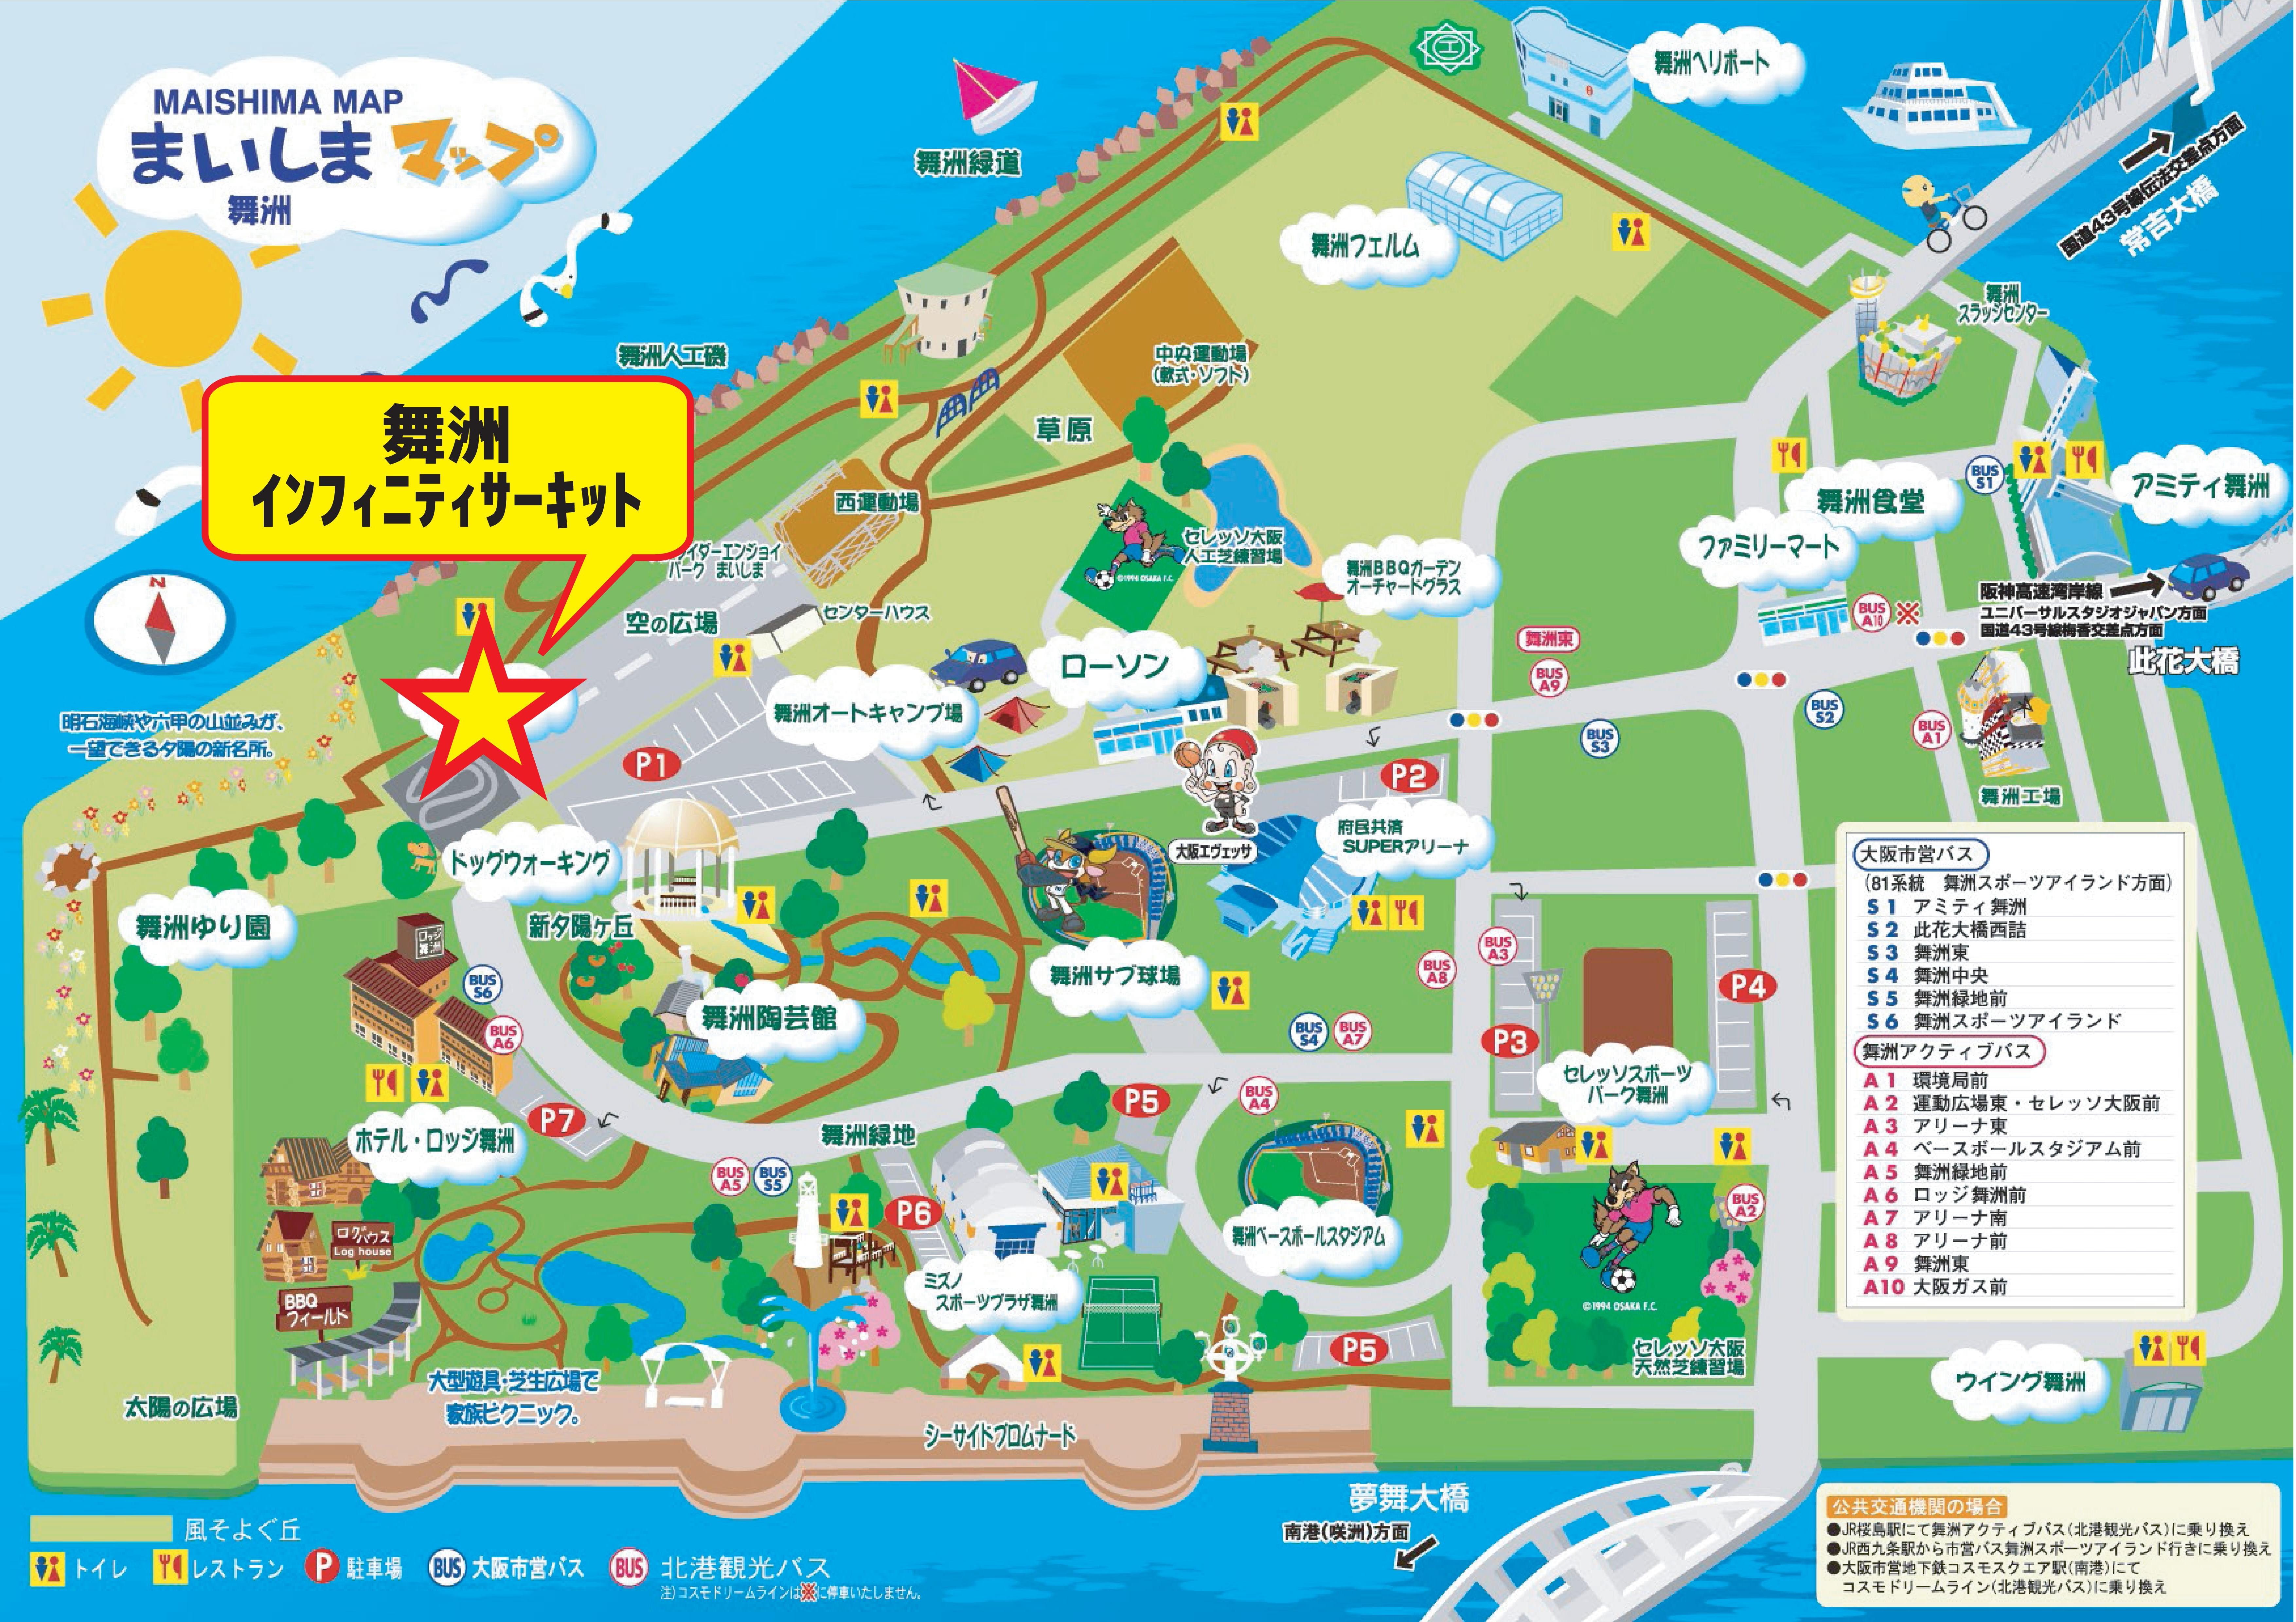 ゴーカートなら 【ISK大阪舞洲店】 サーキットで本格レーサー体験 大阪 ...